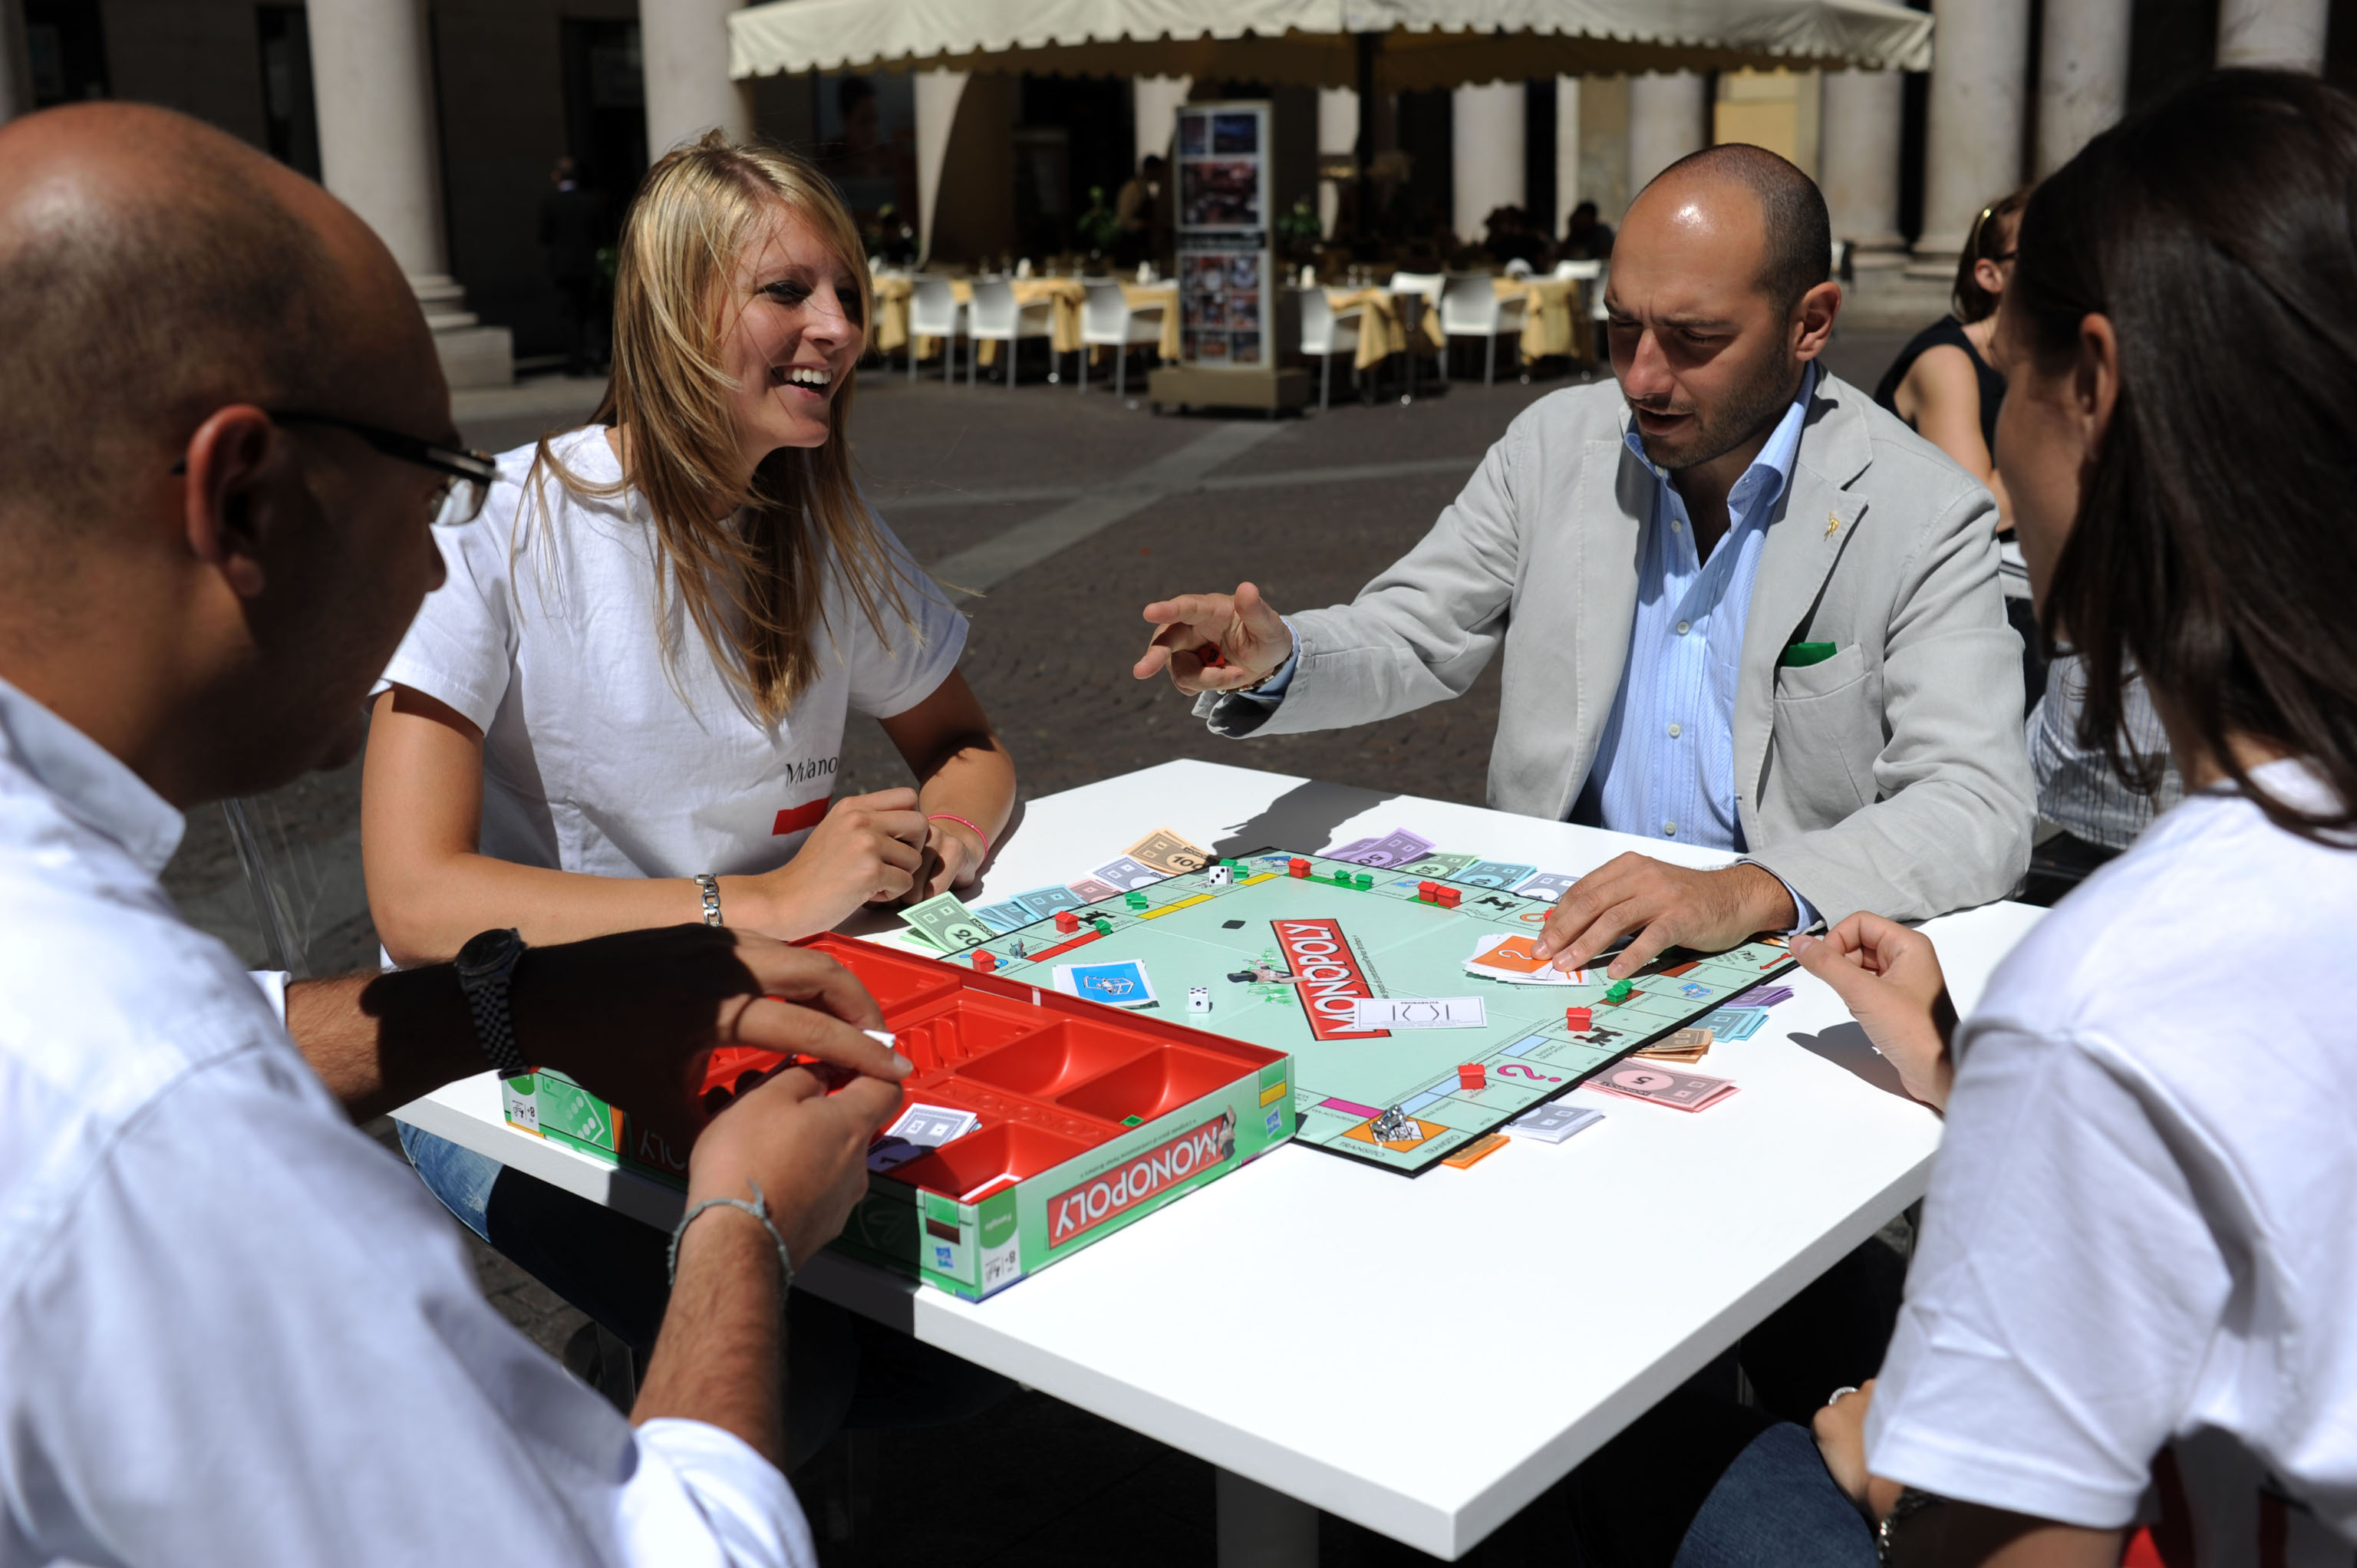 Il nuovo monopoli con il bancomat foto 1 di 5 for Nuovo arredo monopoli